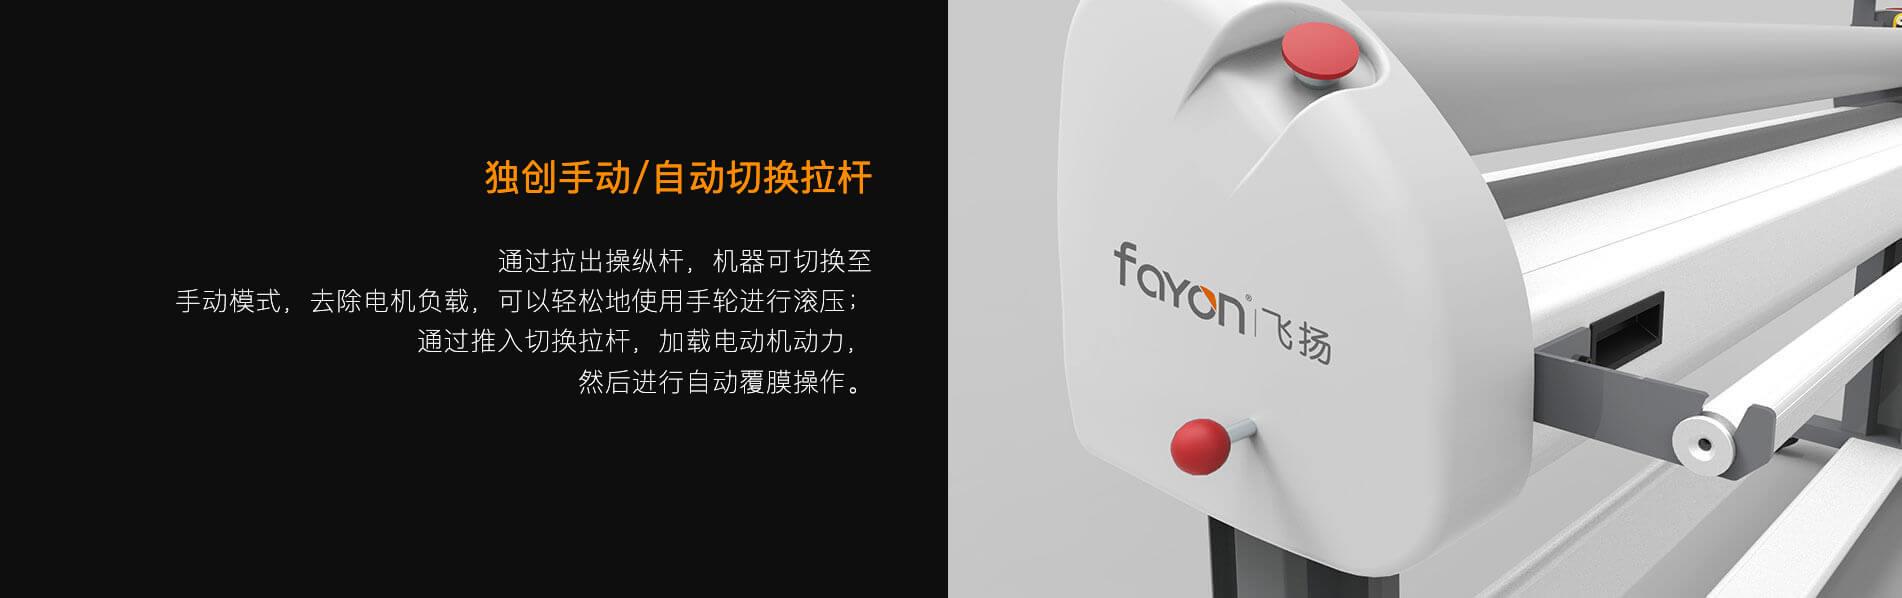 FAYON 覆膜机工厂